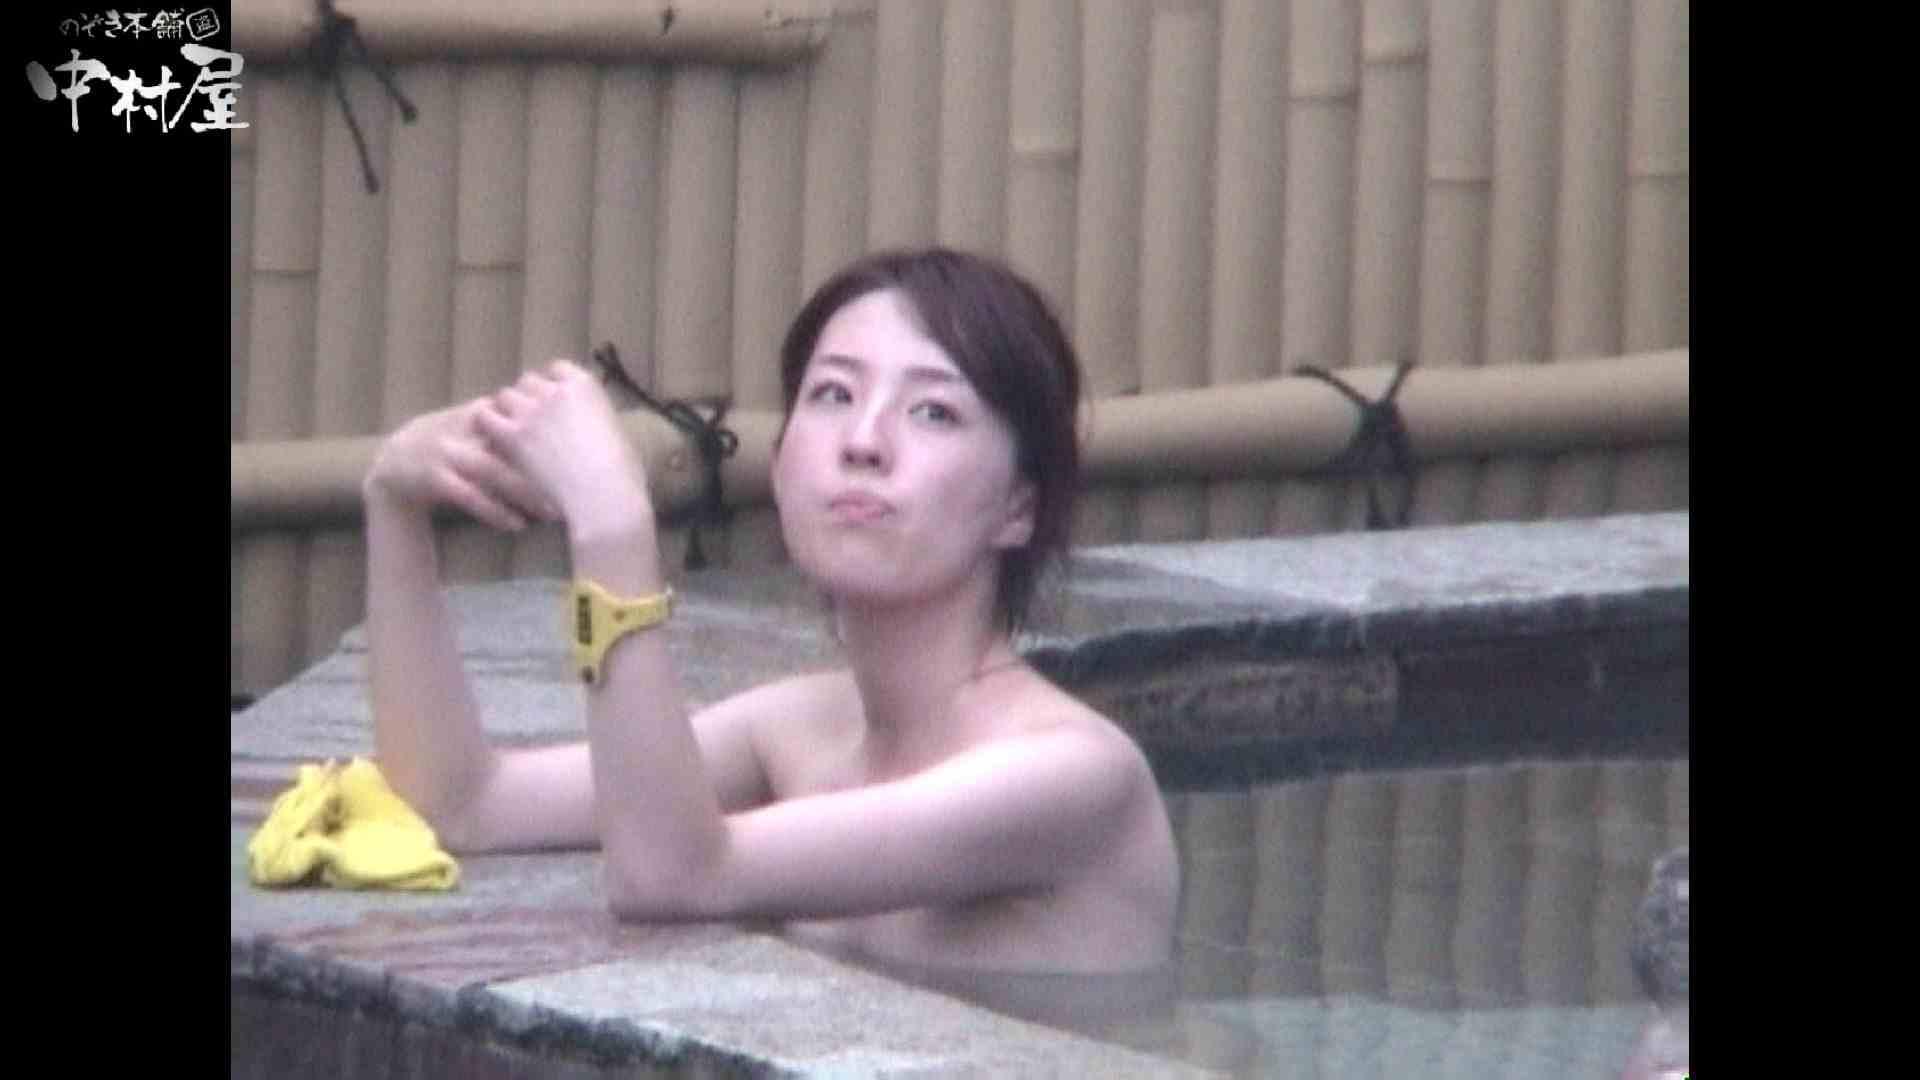 Aquaな露天風呂Vol.964 美しいOLの裸体  104pic 54